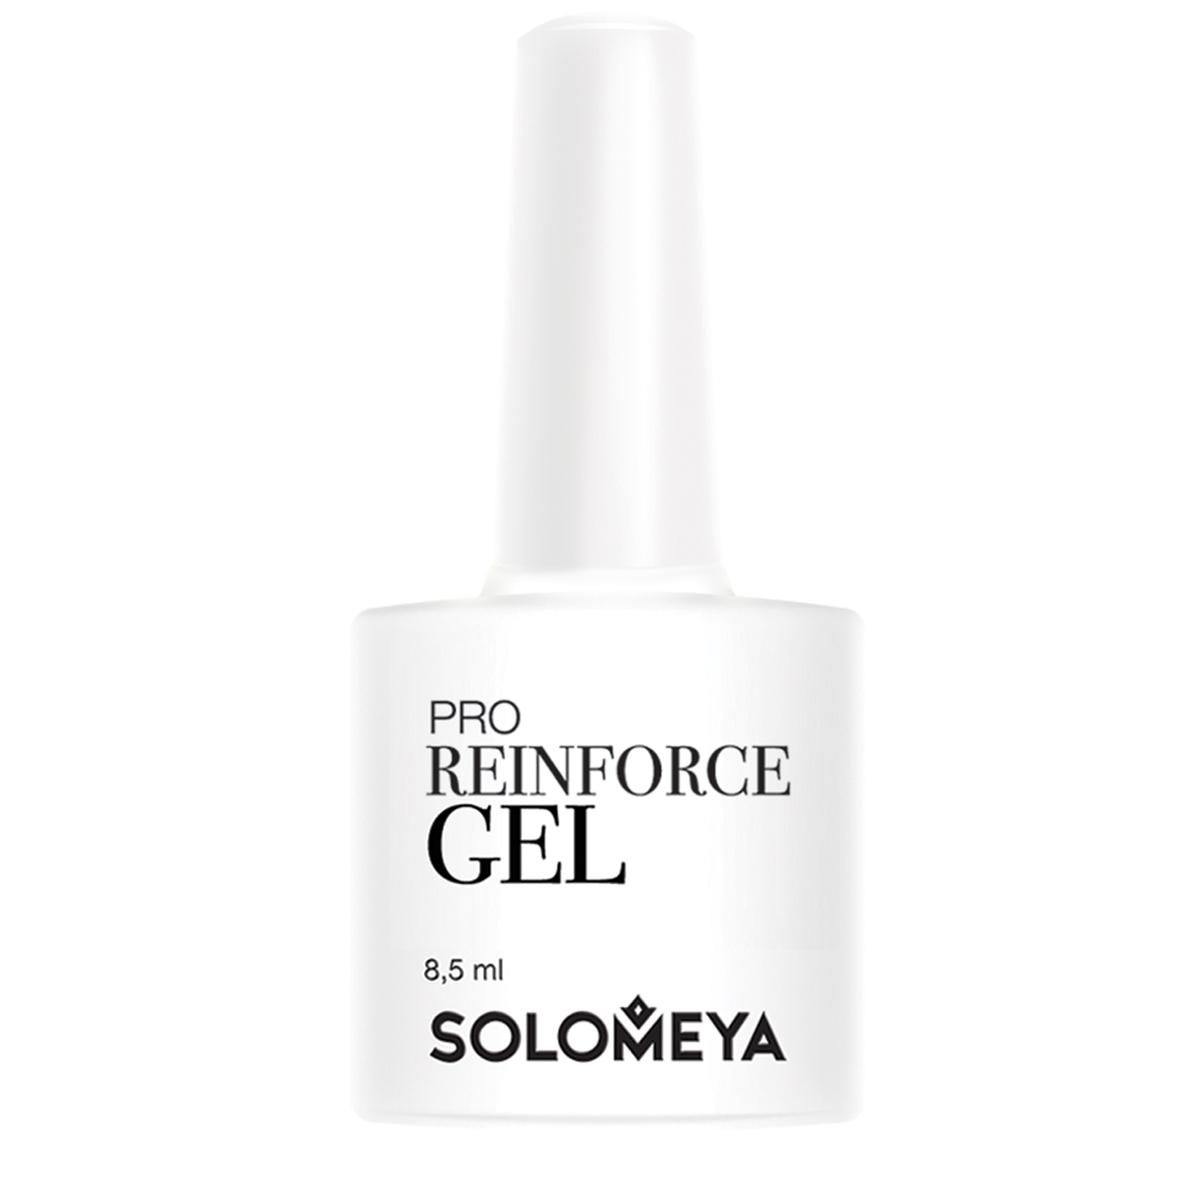 SOLOMEYA Гель профессиональный для укрепления ногтей / Reinforce Gel LED/UV - Базовые покрытия